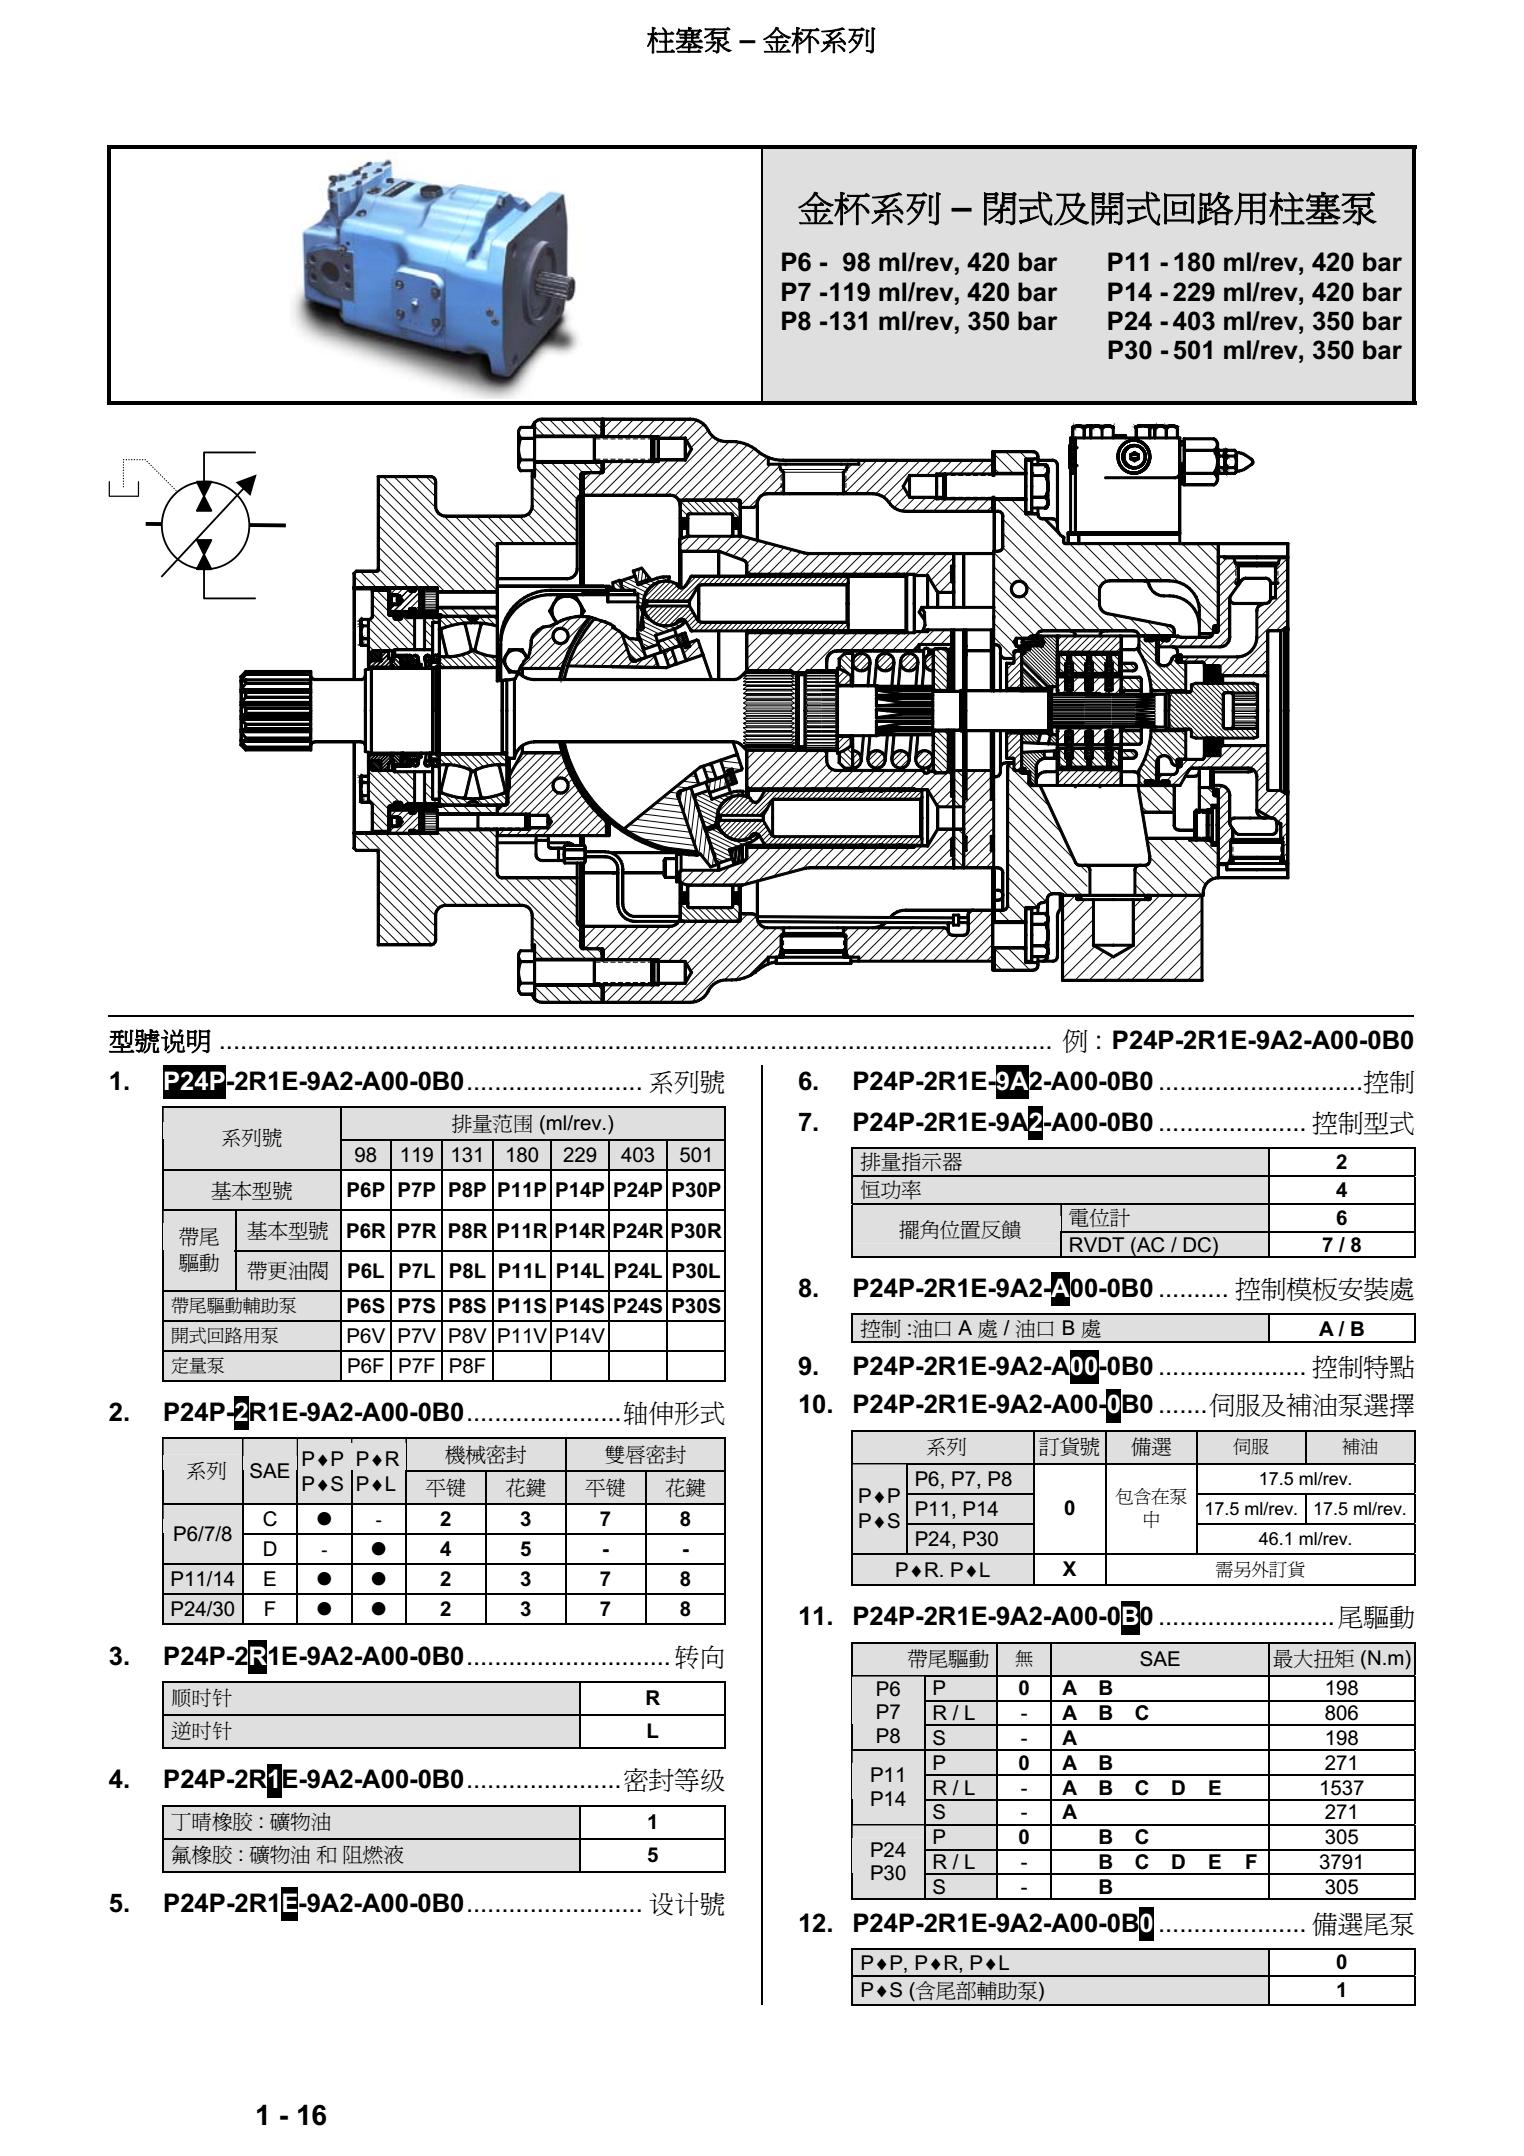 丹尼逊金杯系列柱塞泵型号说明